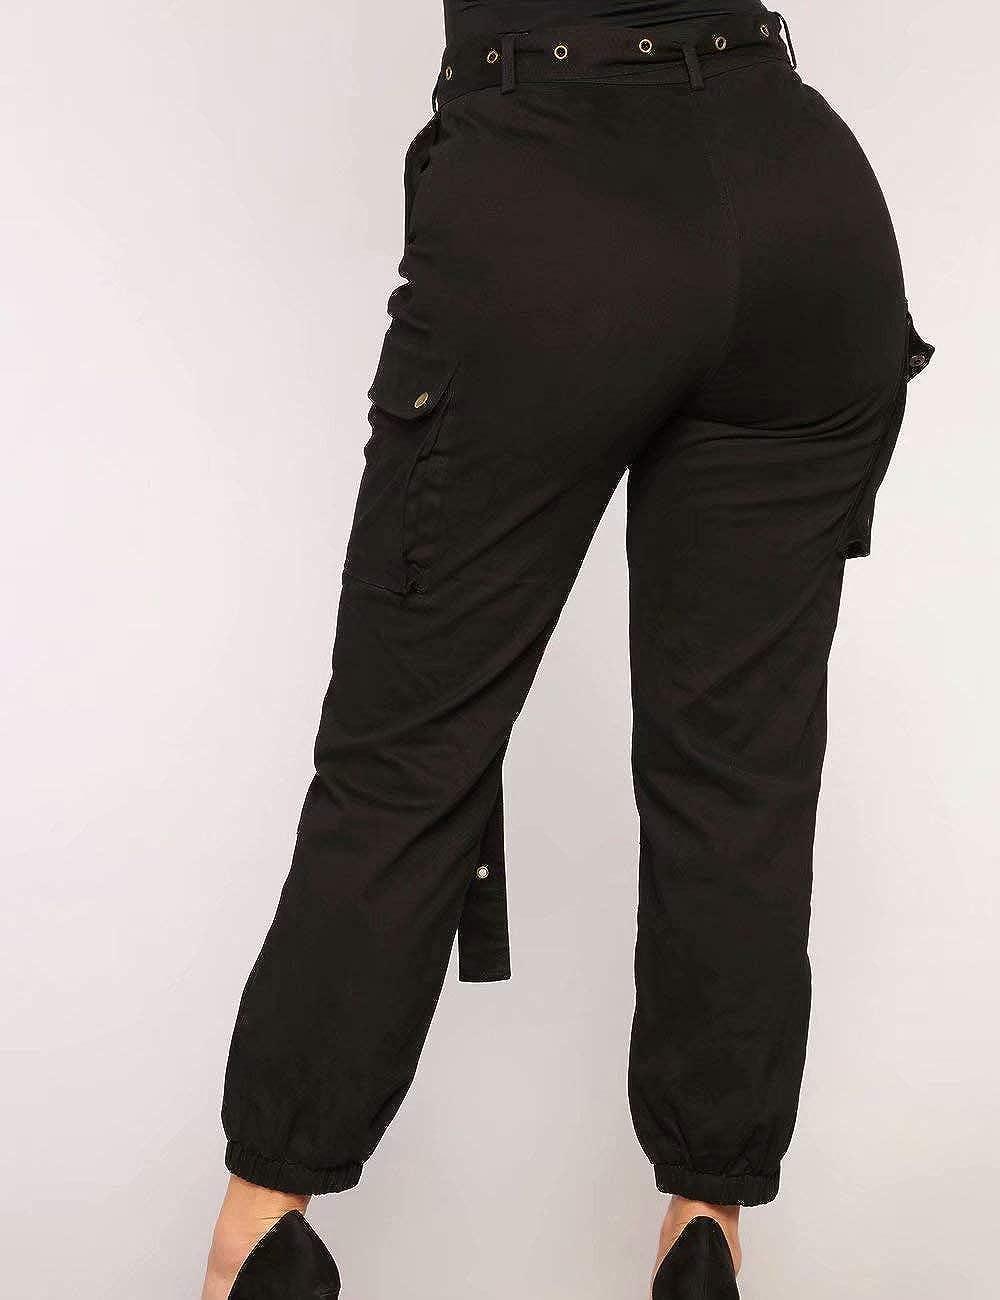 2f0ee37d0eb Frecoccialo Femme Pantalon Cargo Taille et Bas Elastique Pantalon Chino  Femme avec Poches Plaquées à Rabat aux Côtés Taille Grande